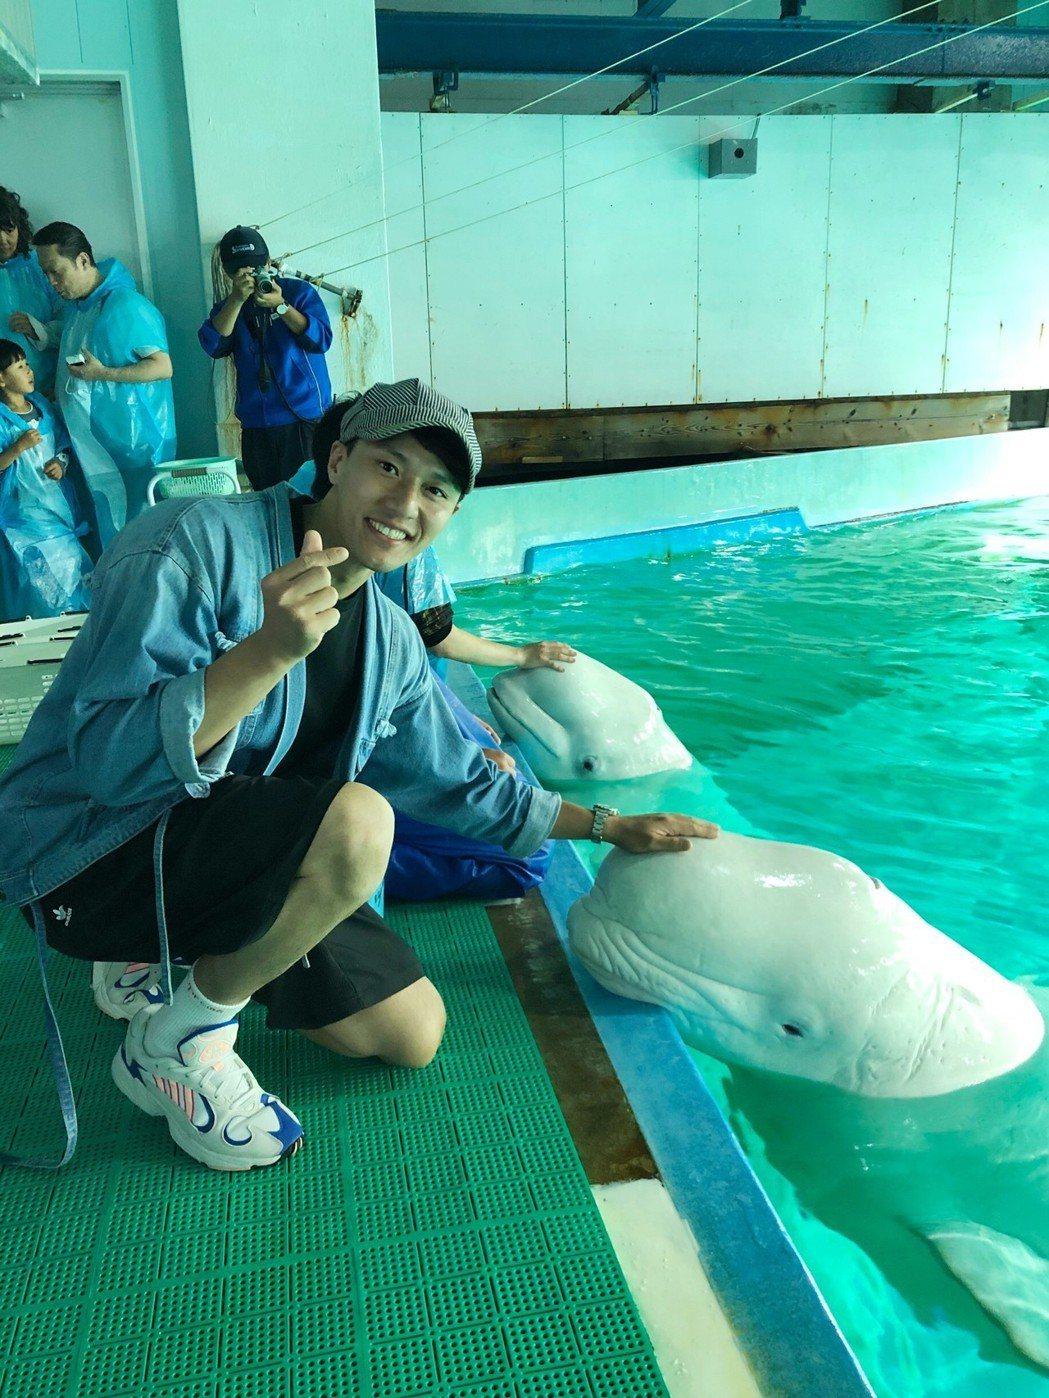 張睿家跟小白鯨互動。圖/周子娛樂提供